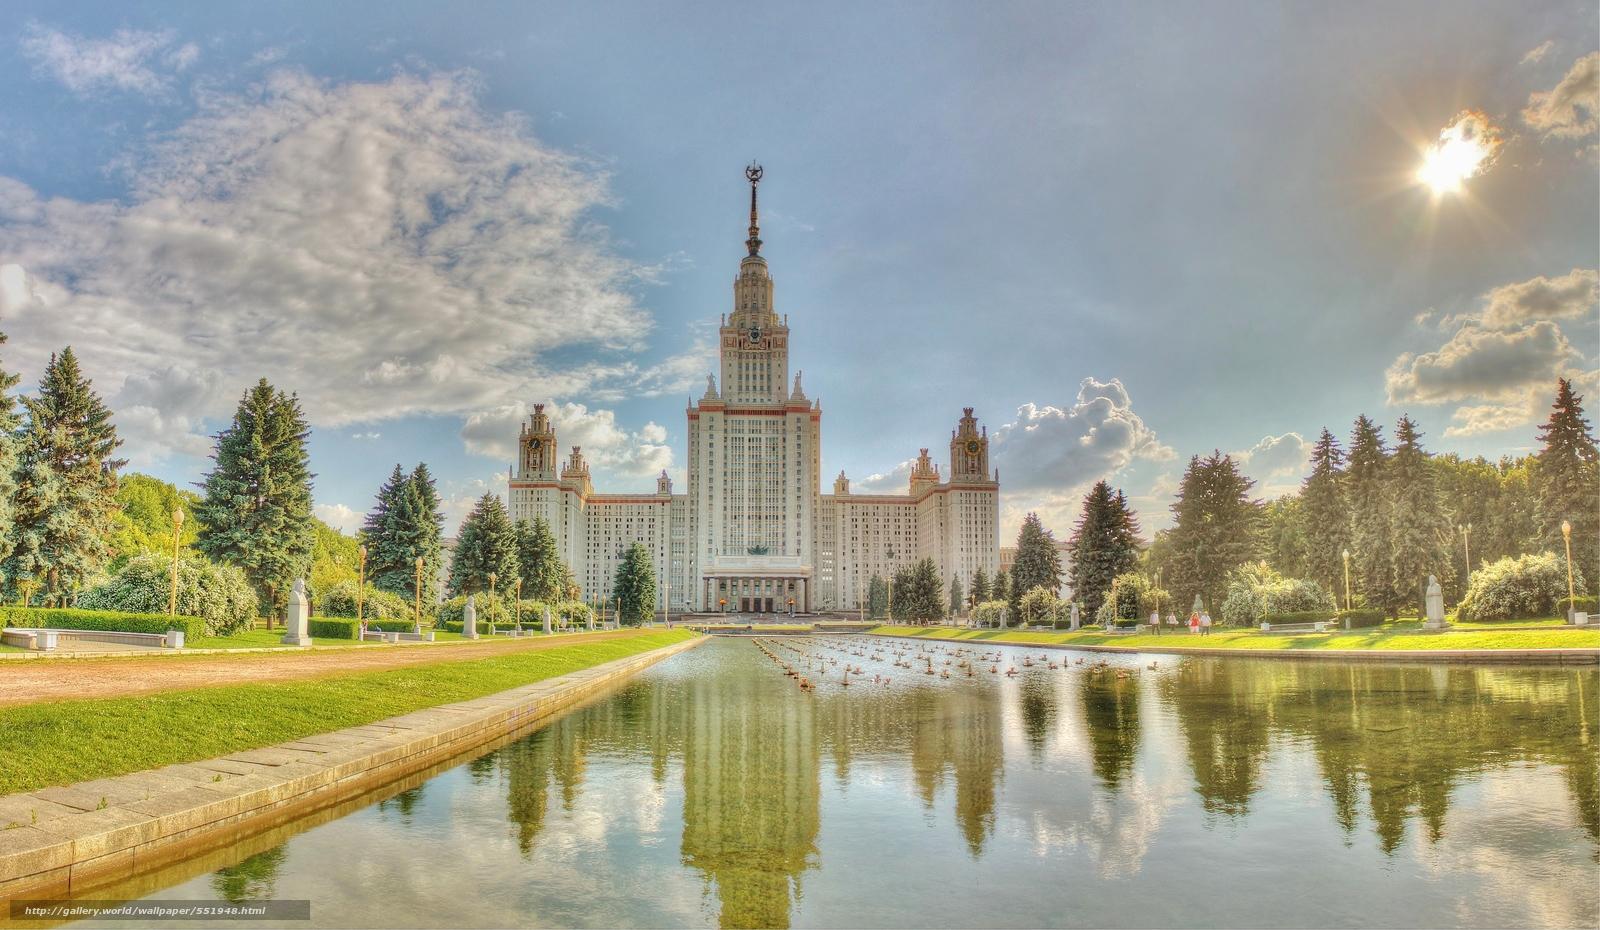 Скачать обои Moscow,  state university,  университет бесплатно для рабочего стола в разрешении 4801x2790 — картинка №551948